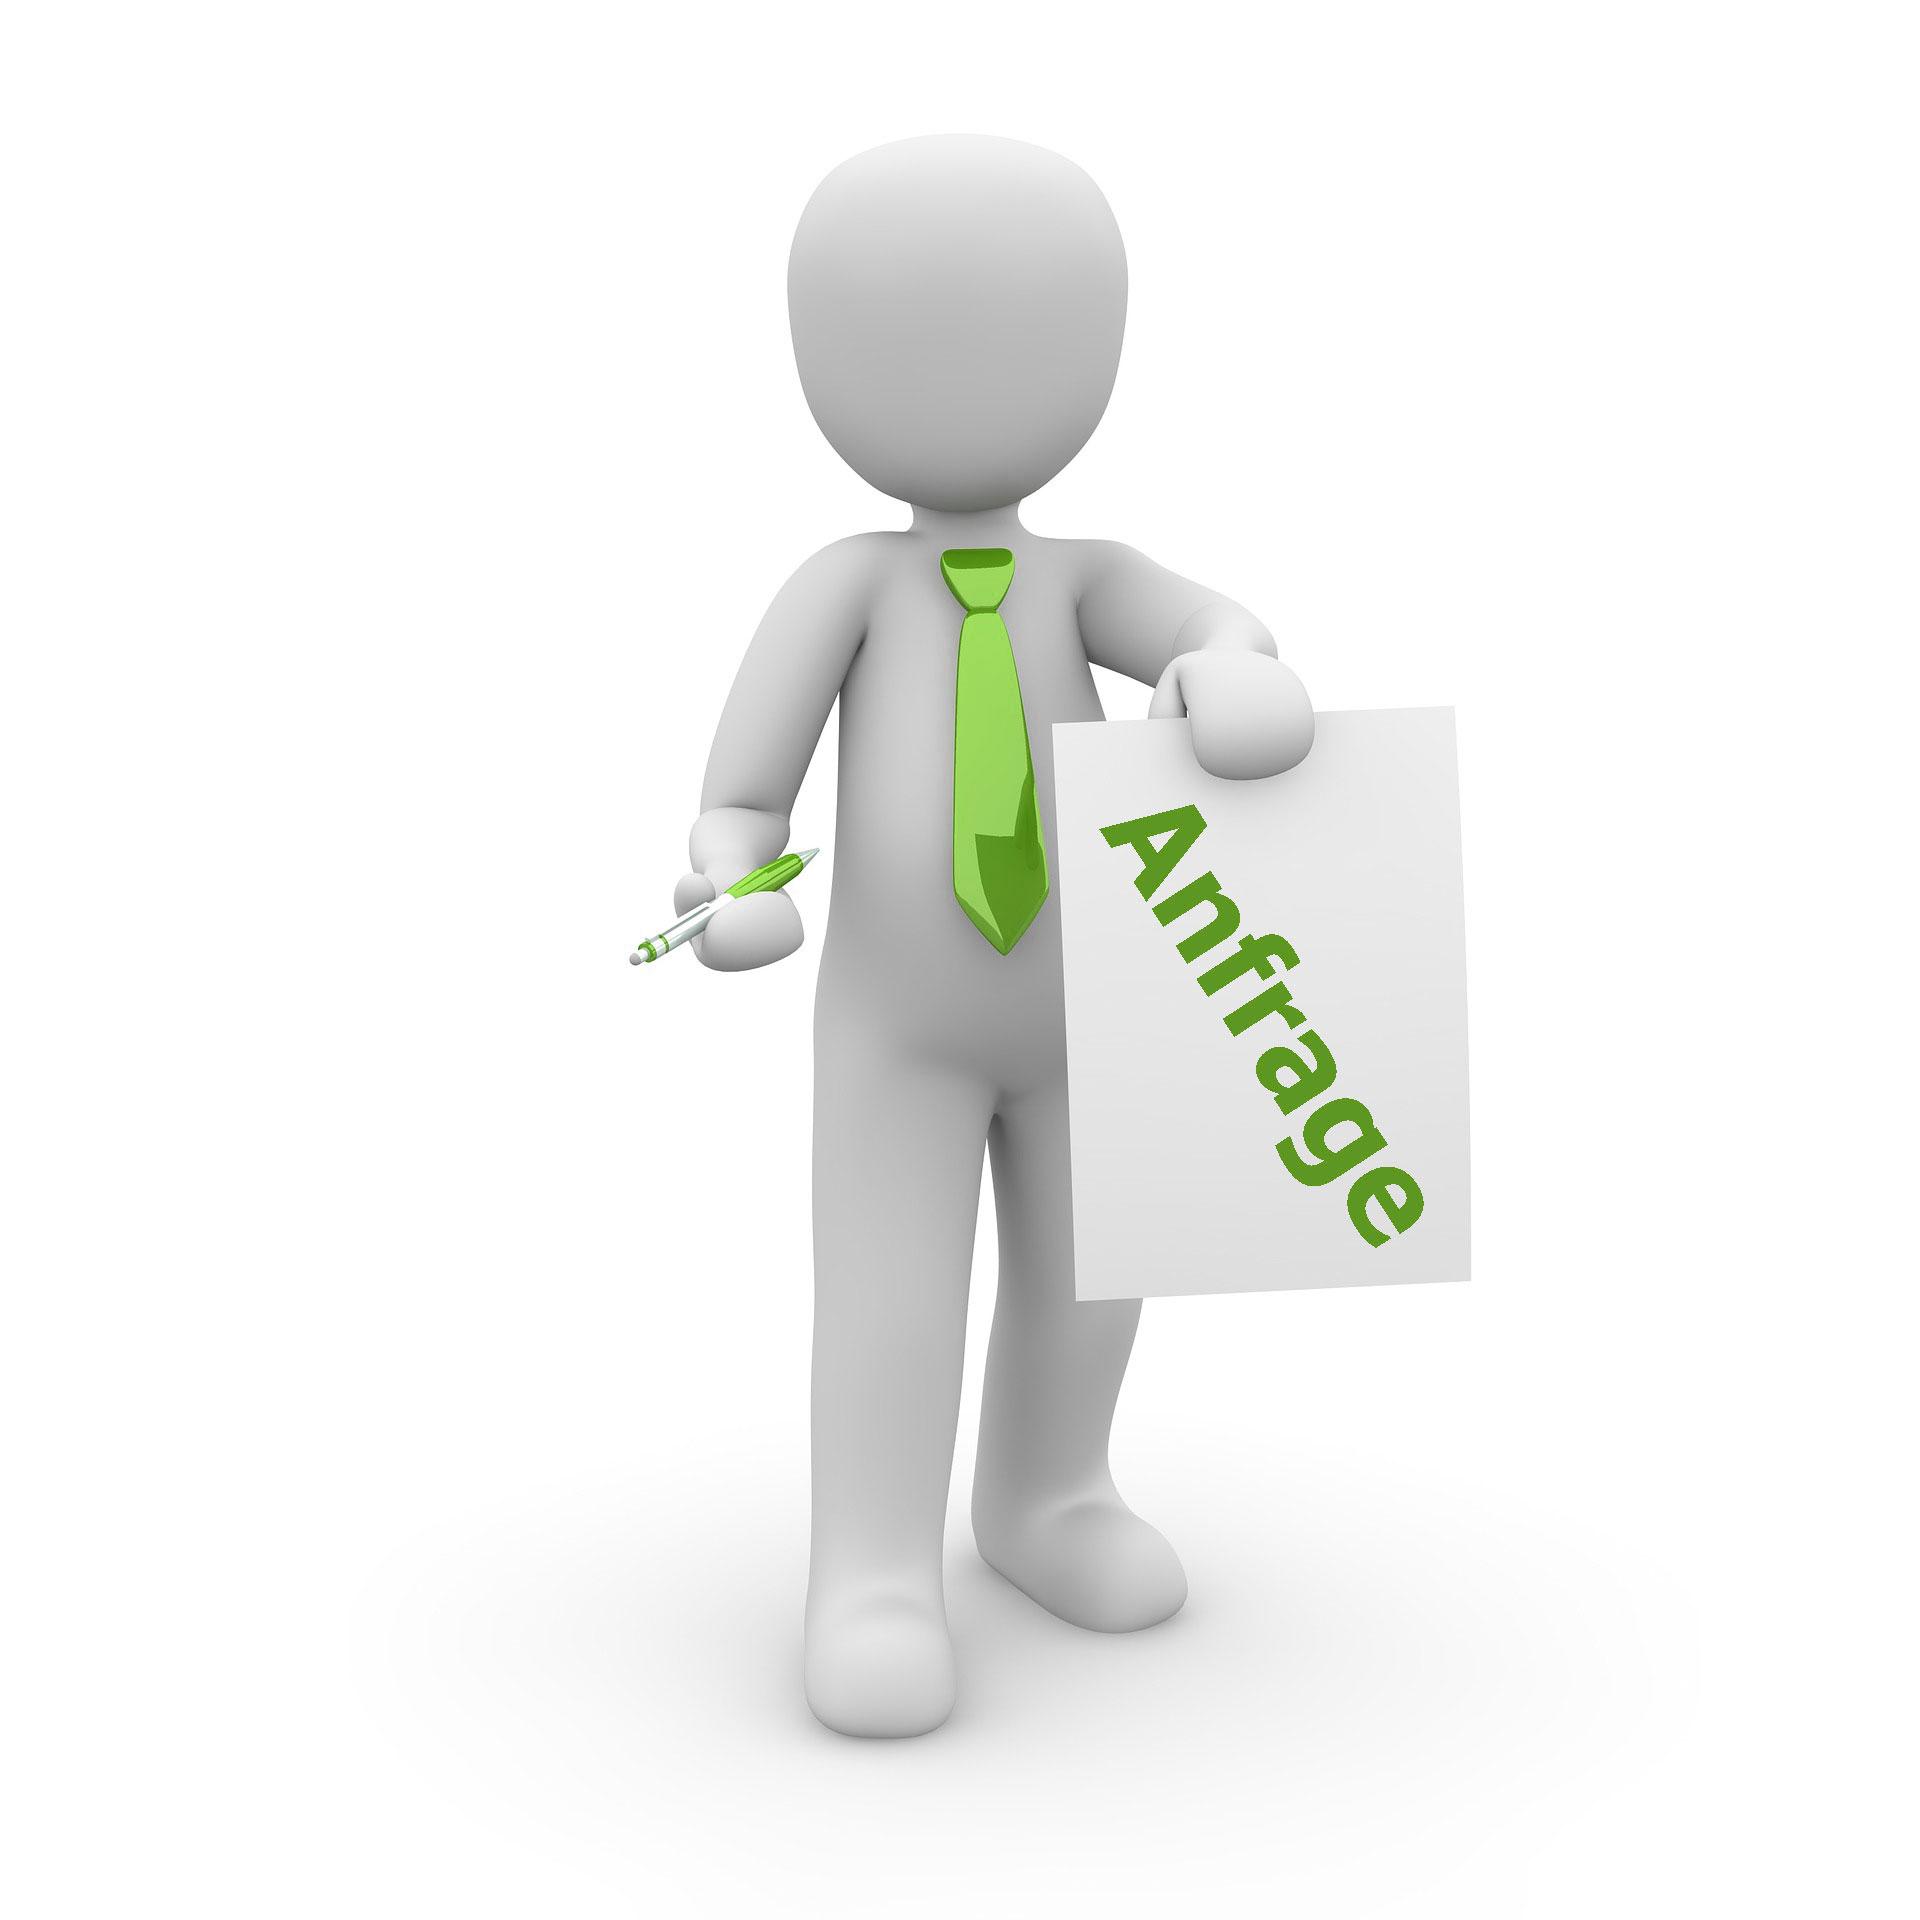 Preisanfrage für Gardinenwäsche